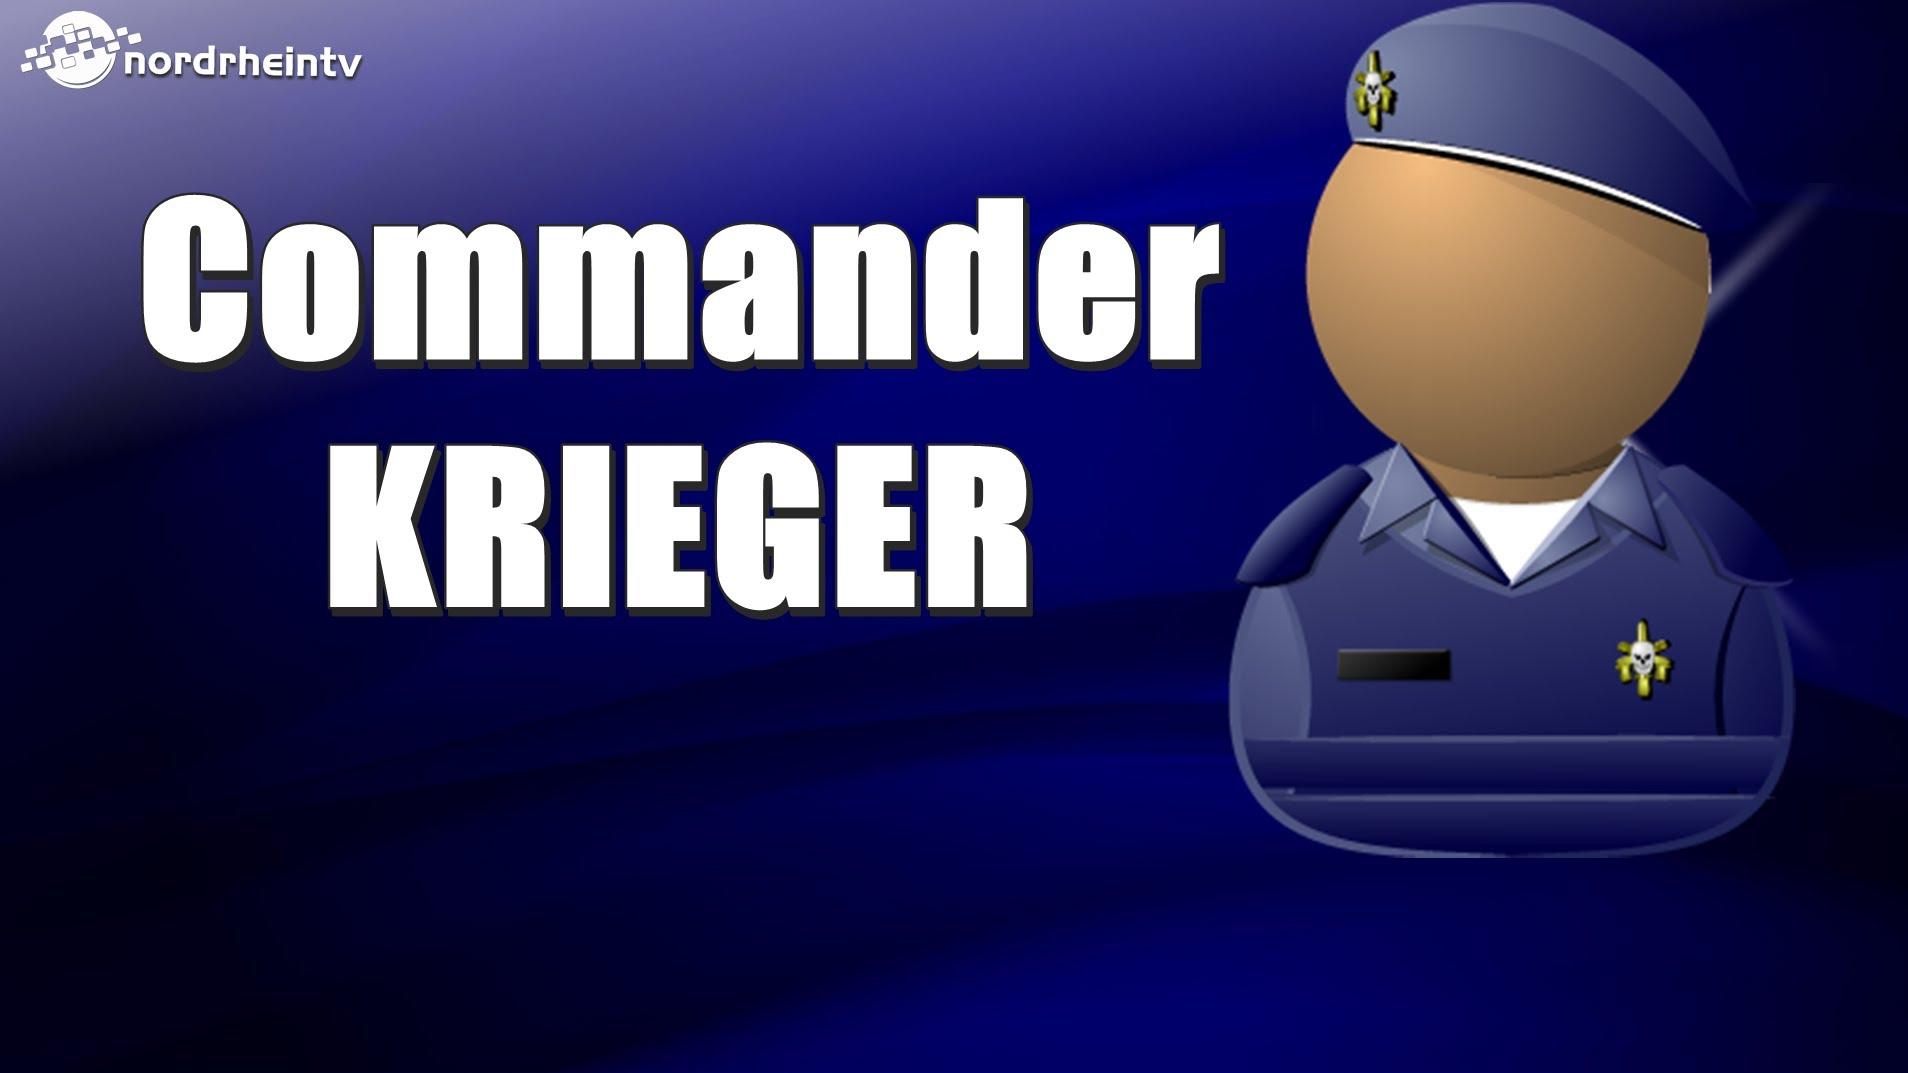 Commanderkrieger Twitter